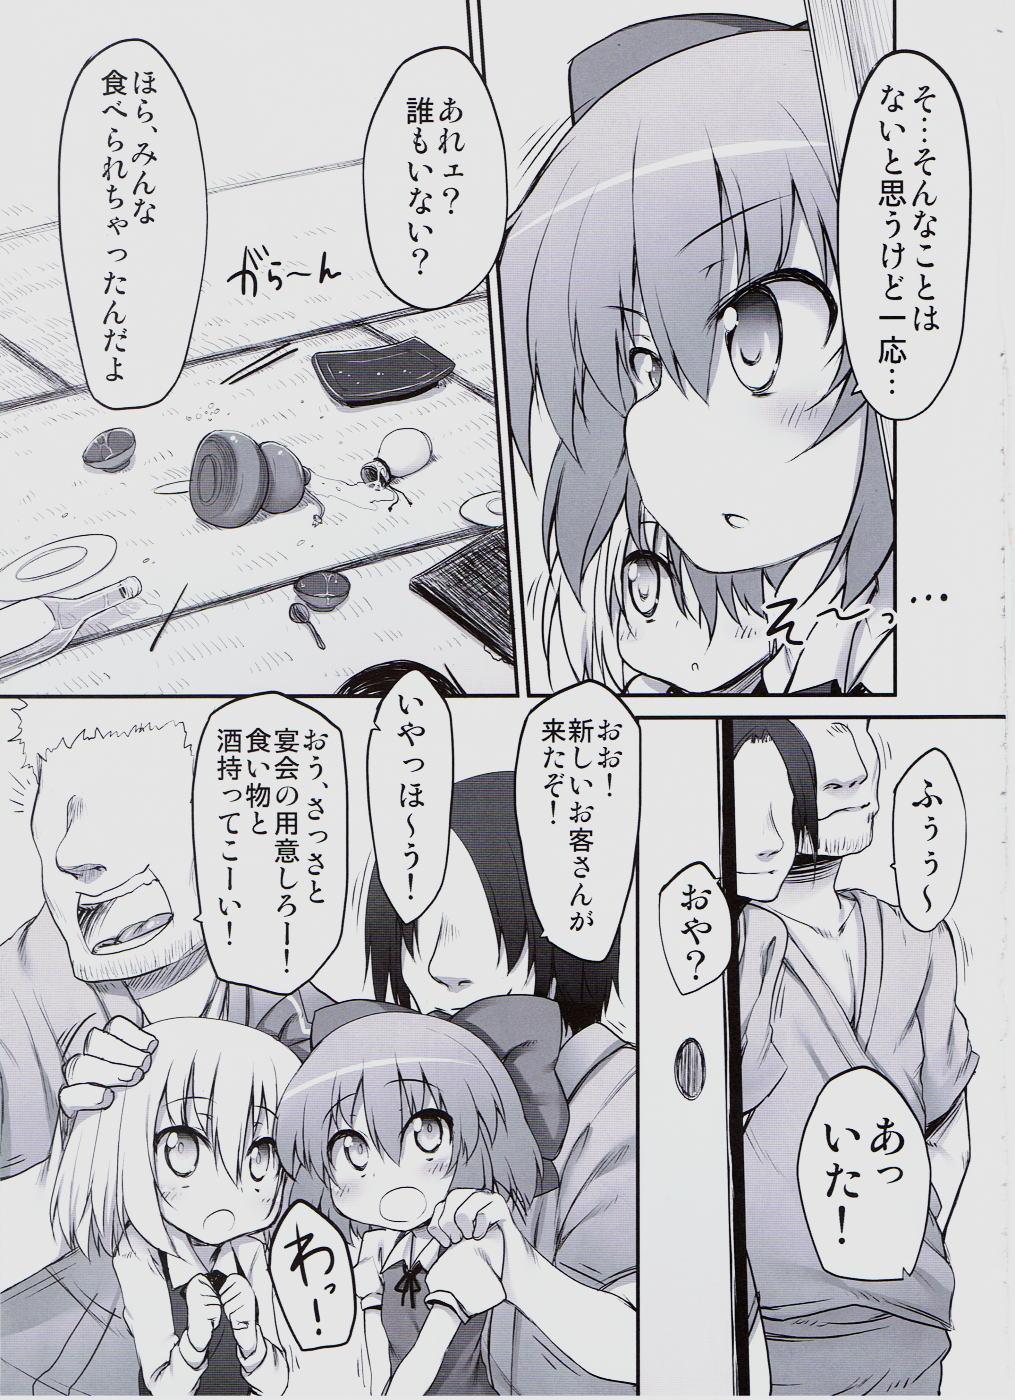 Gensoukyou no Utage 3